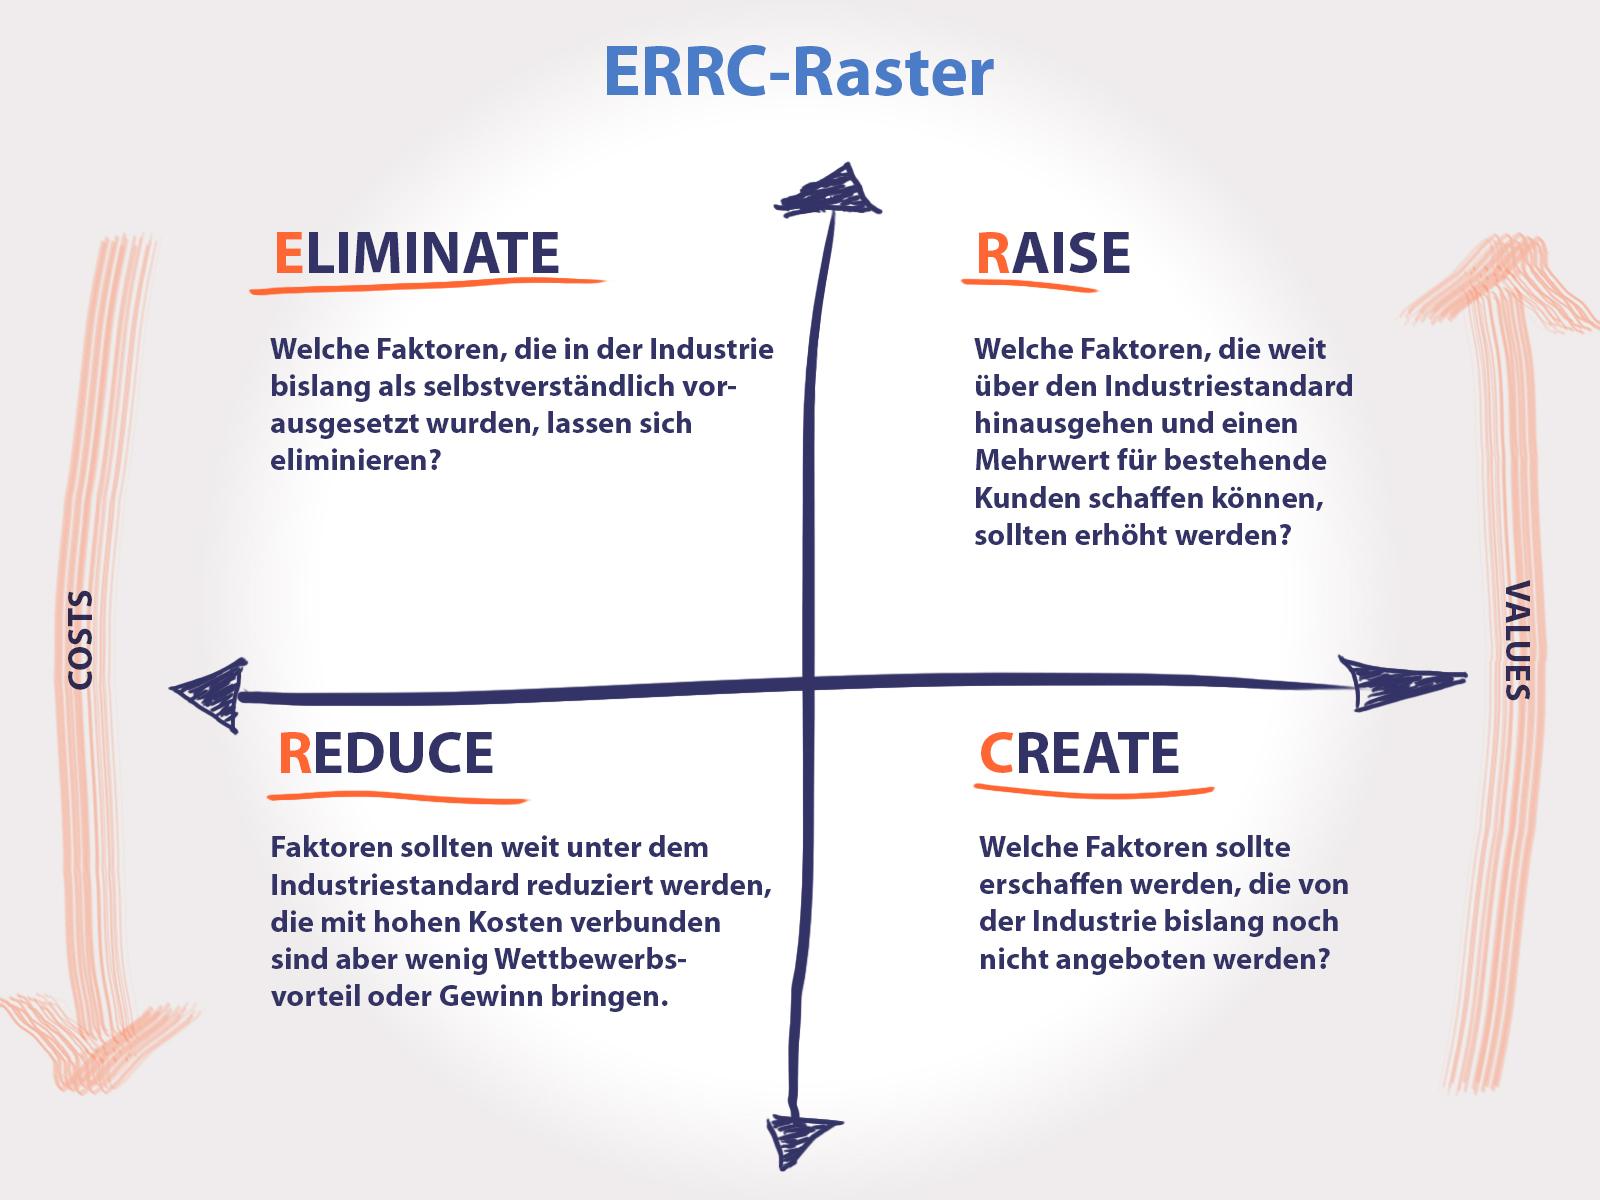 ERRC-Raster